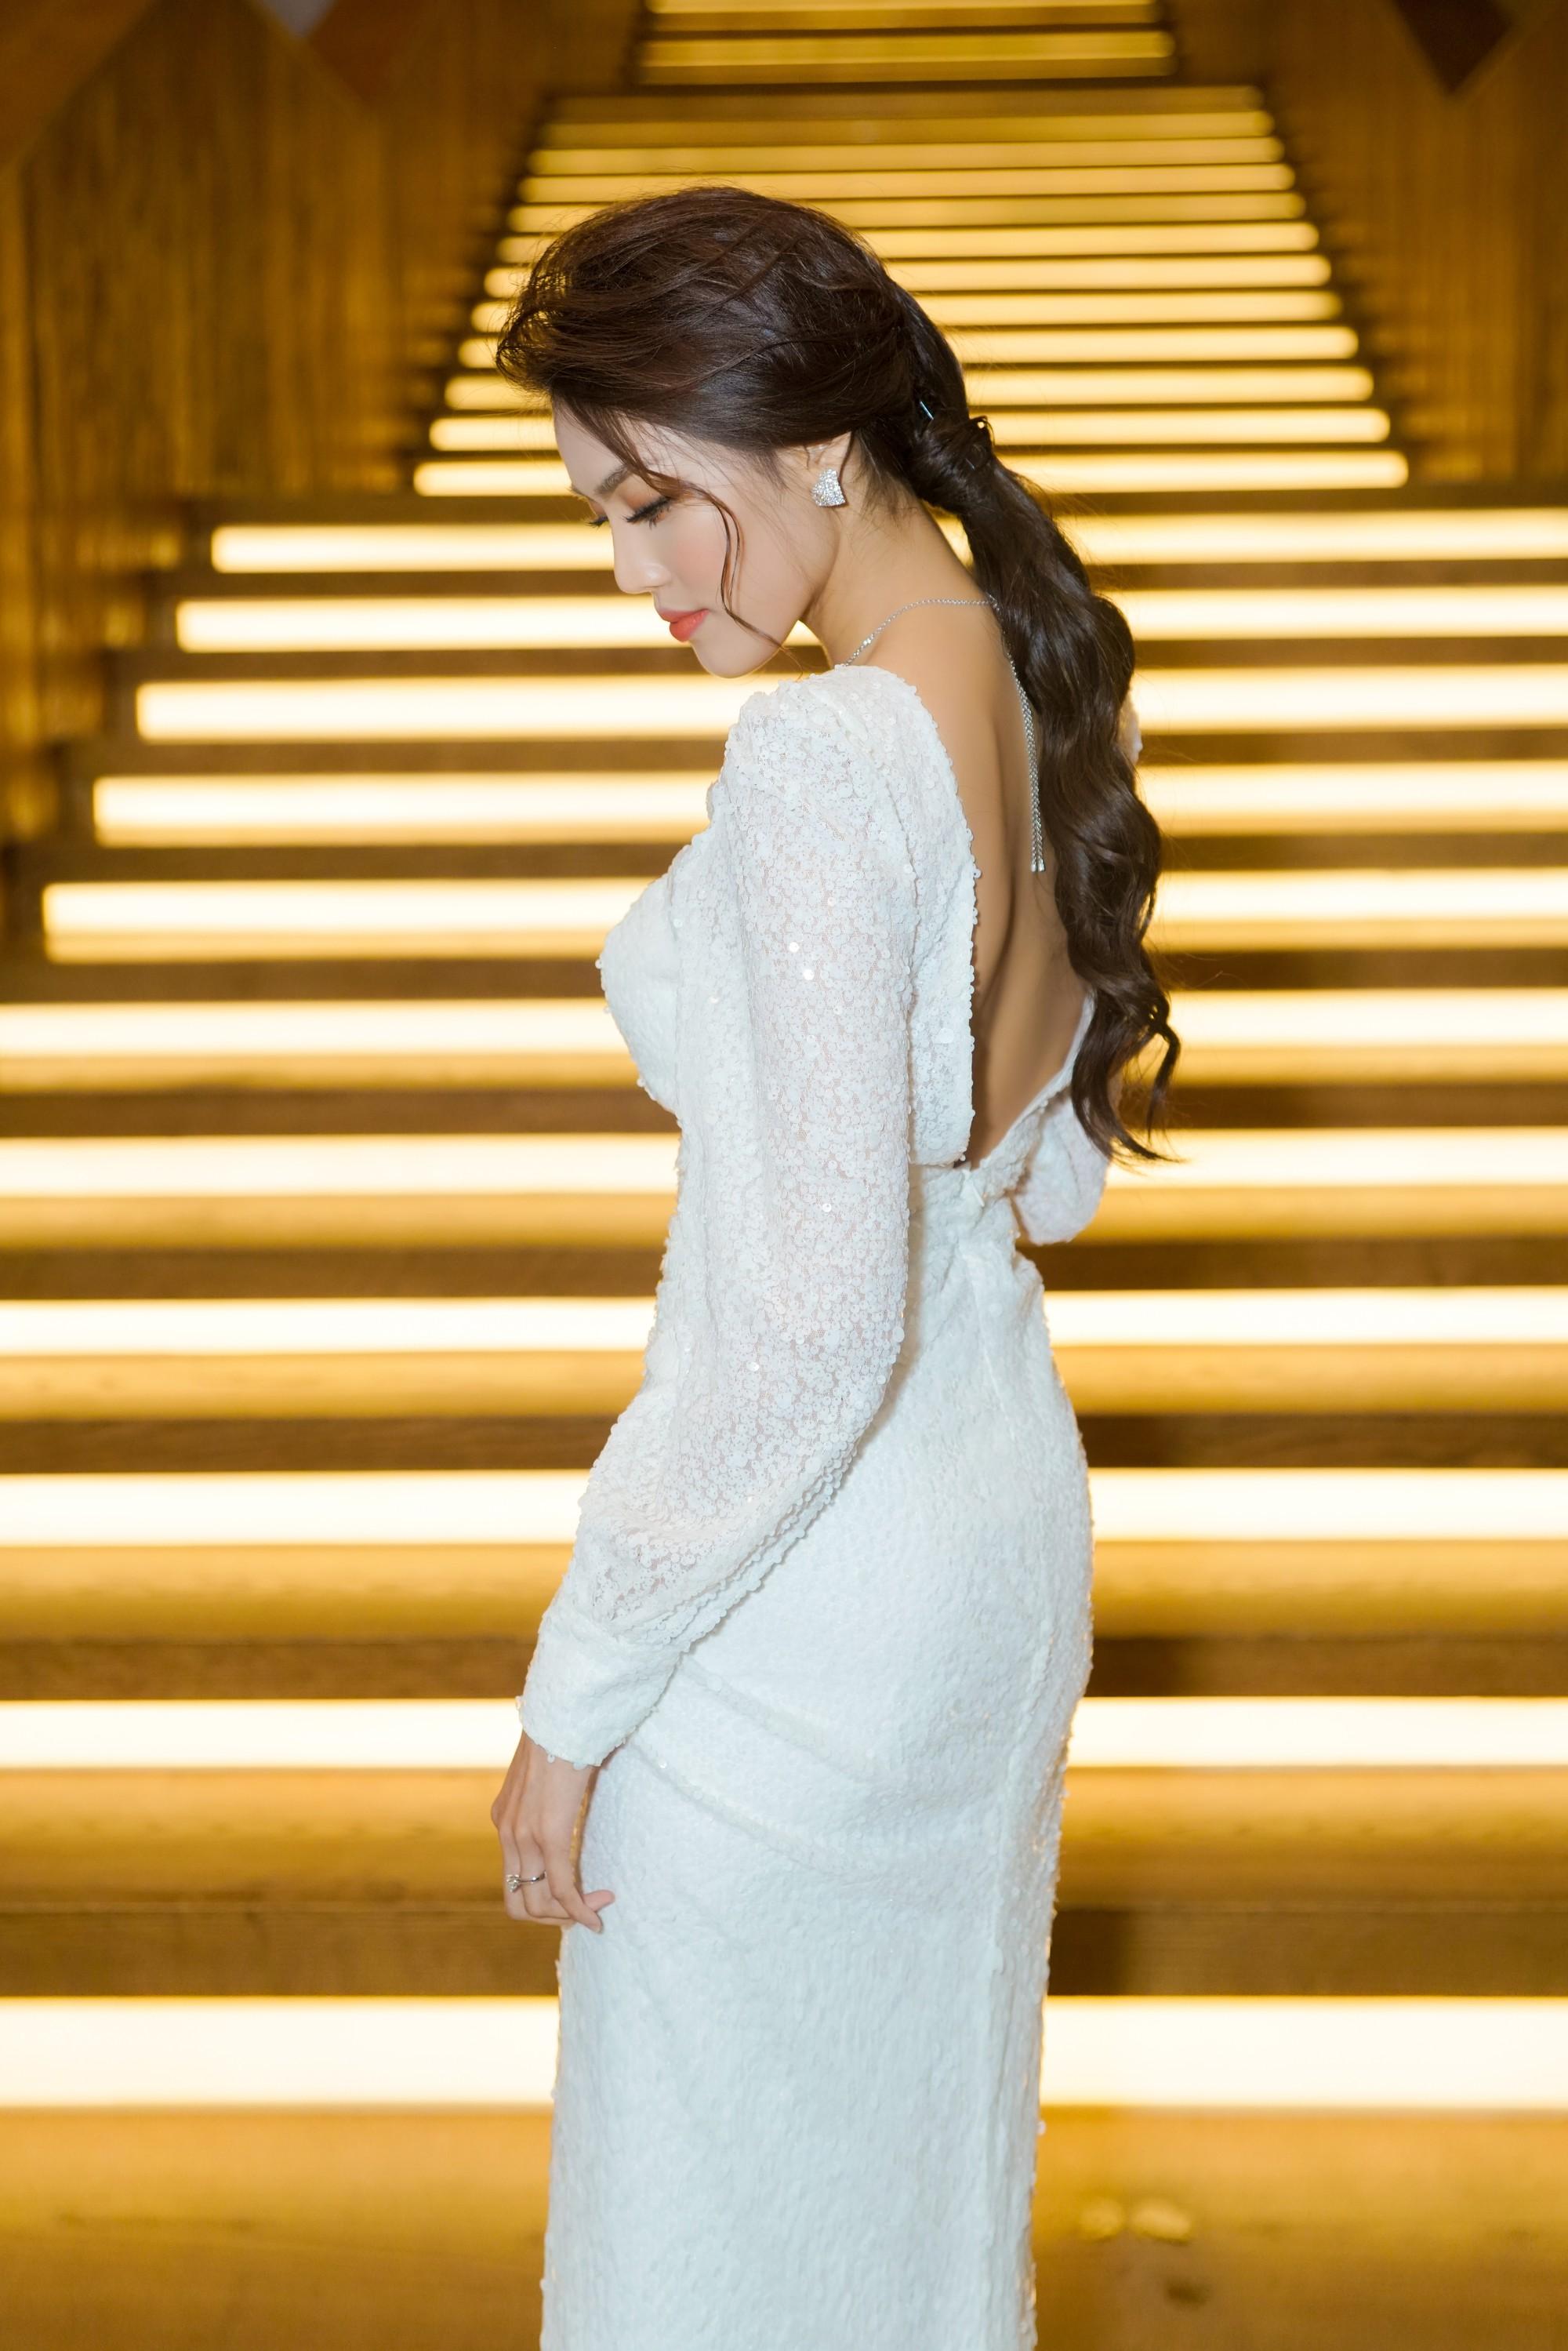 Hương Giang quyến rũ với váy xuyên thấu bó sát, Lan Khuê diện váy trắng tinh khôi như cô dâu tại sự kiện - Ảnh 7.